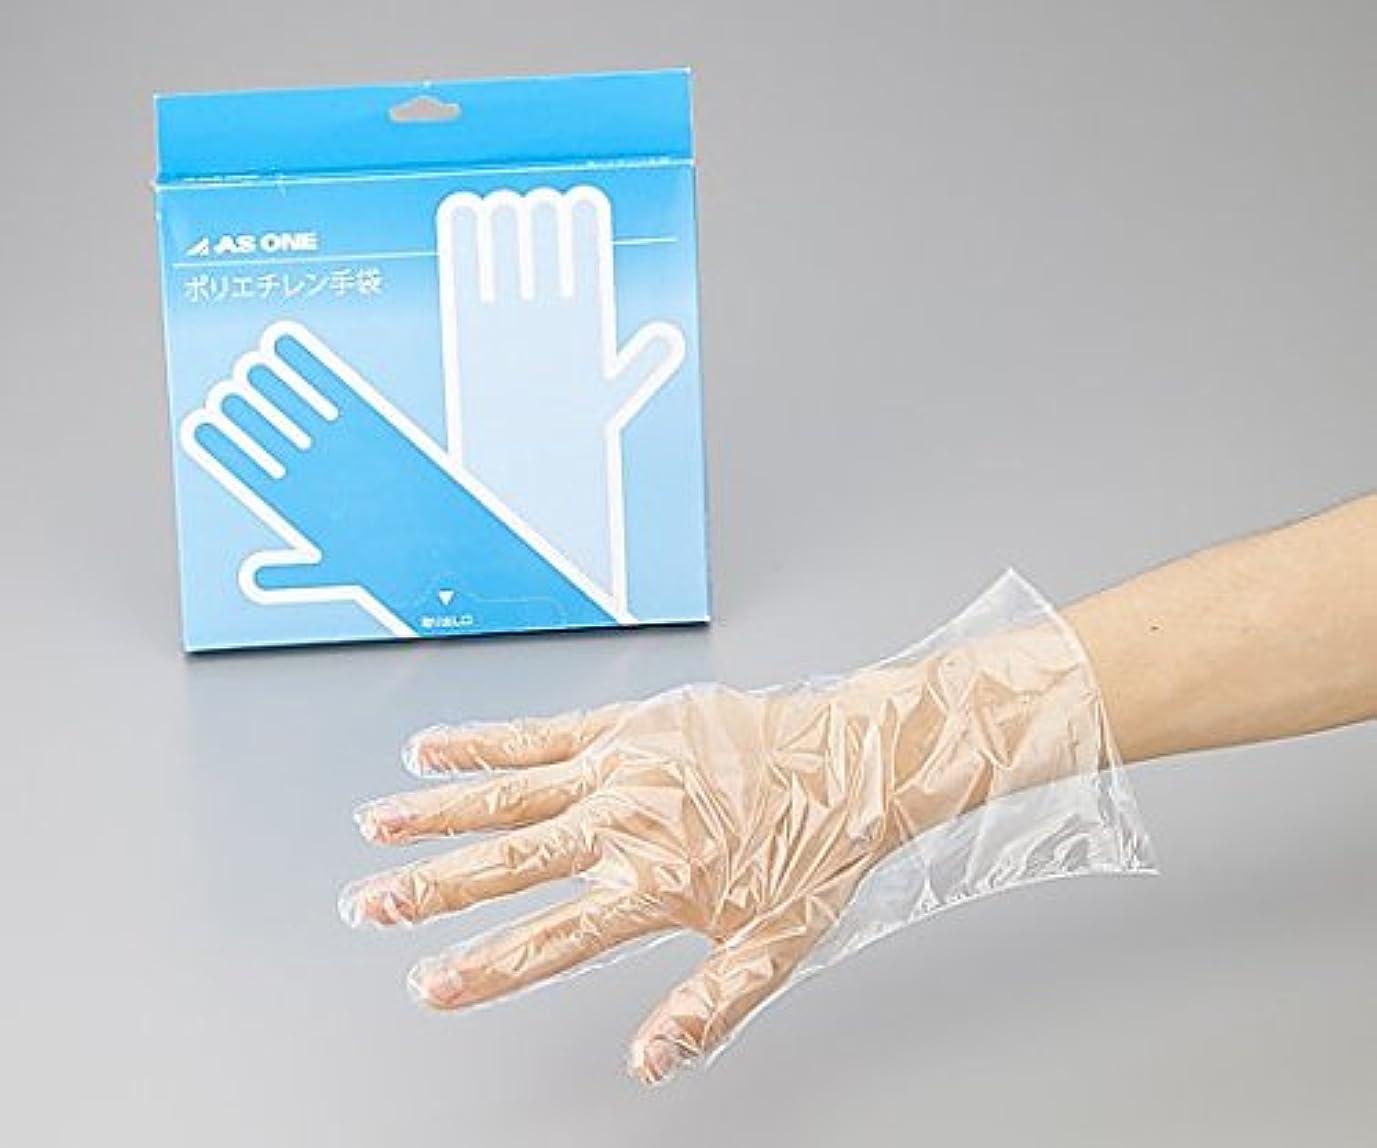 ファッション食べるしたがってアズワン2-4972-01ポリエチレン手袋エコノミー薄手L100枚入